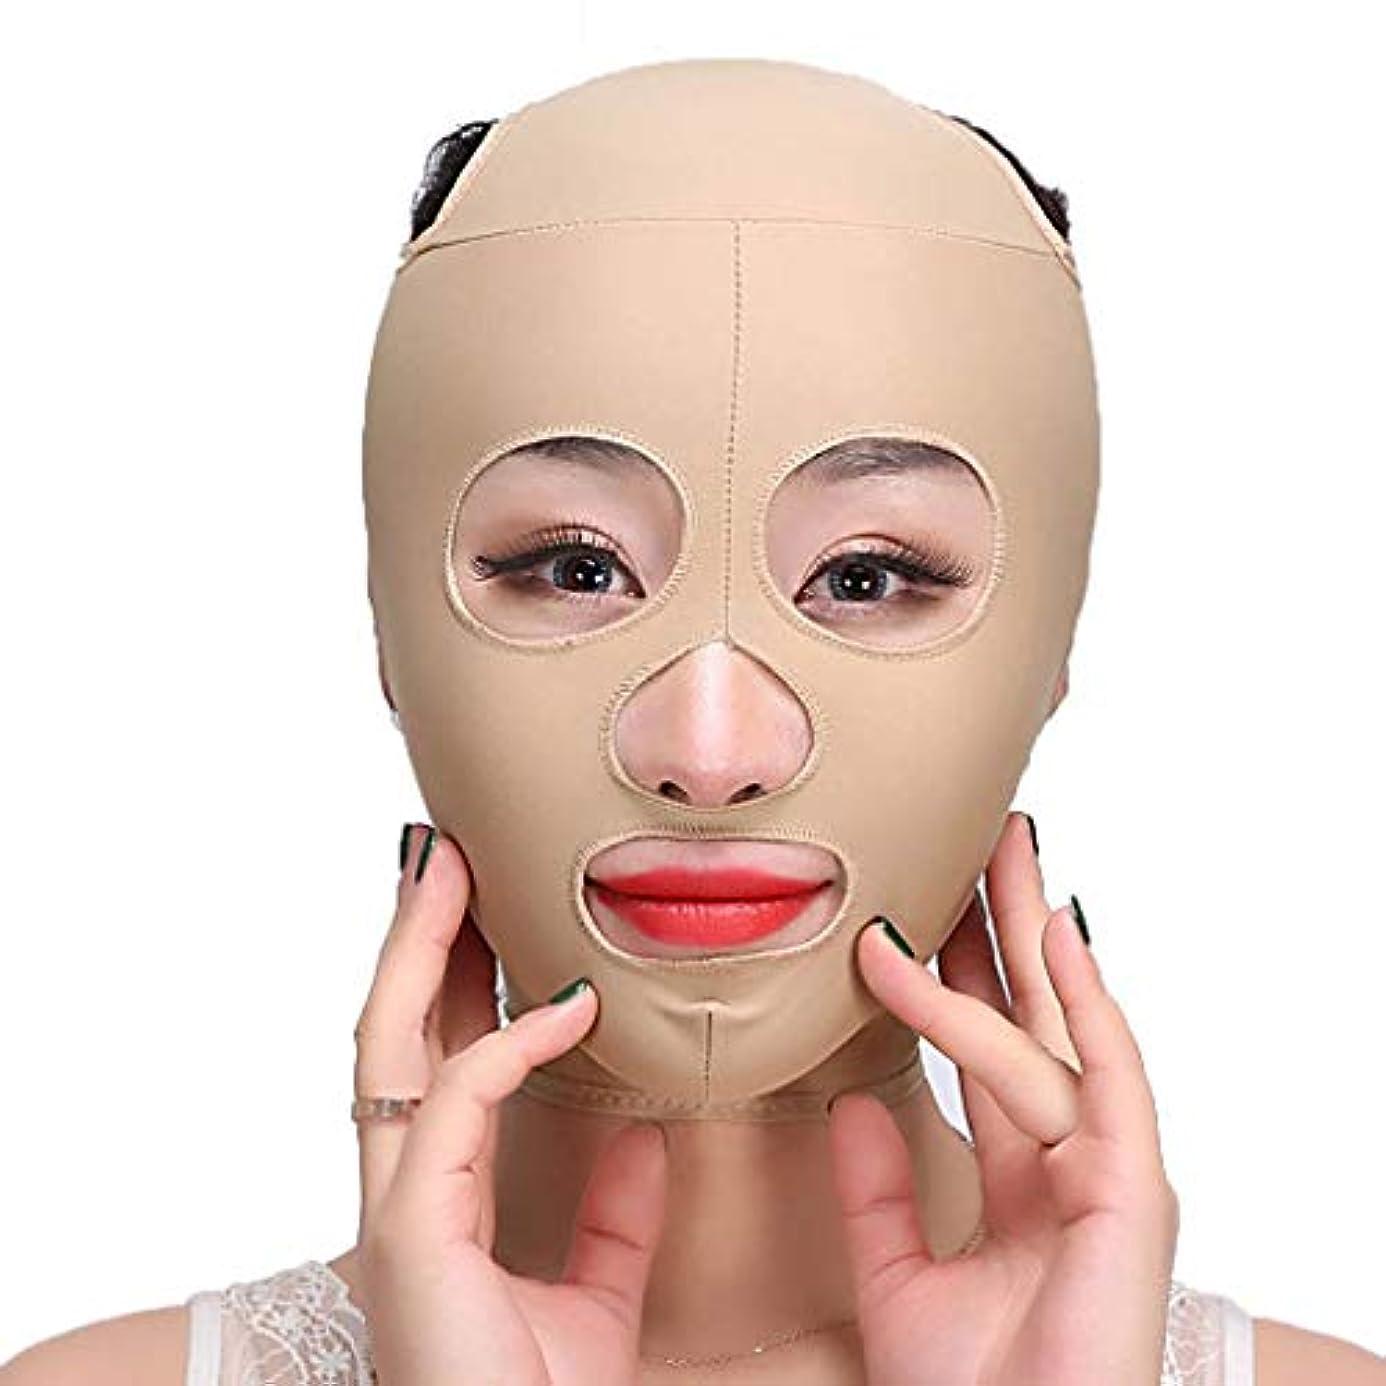 抜本的なようこそ呼ぶXHLMRMJ 痩身ベルト、フェイスマスク薄いフェイス楽器リフティング引き締めVフェイス男性と女性フェイスリフティングステッカーダブルチンフェイスリフティングフェイスマスク包帯フェイシャルマッサージ (Size : L)